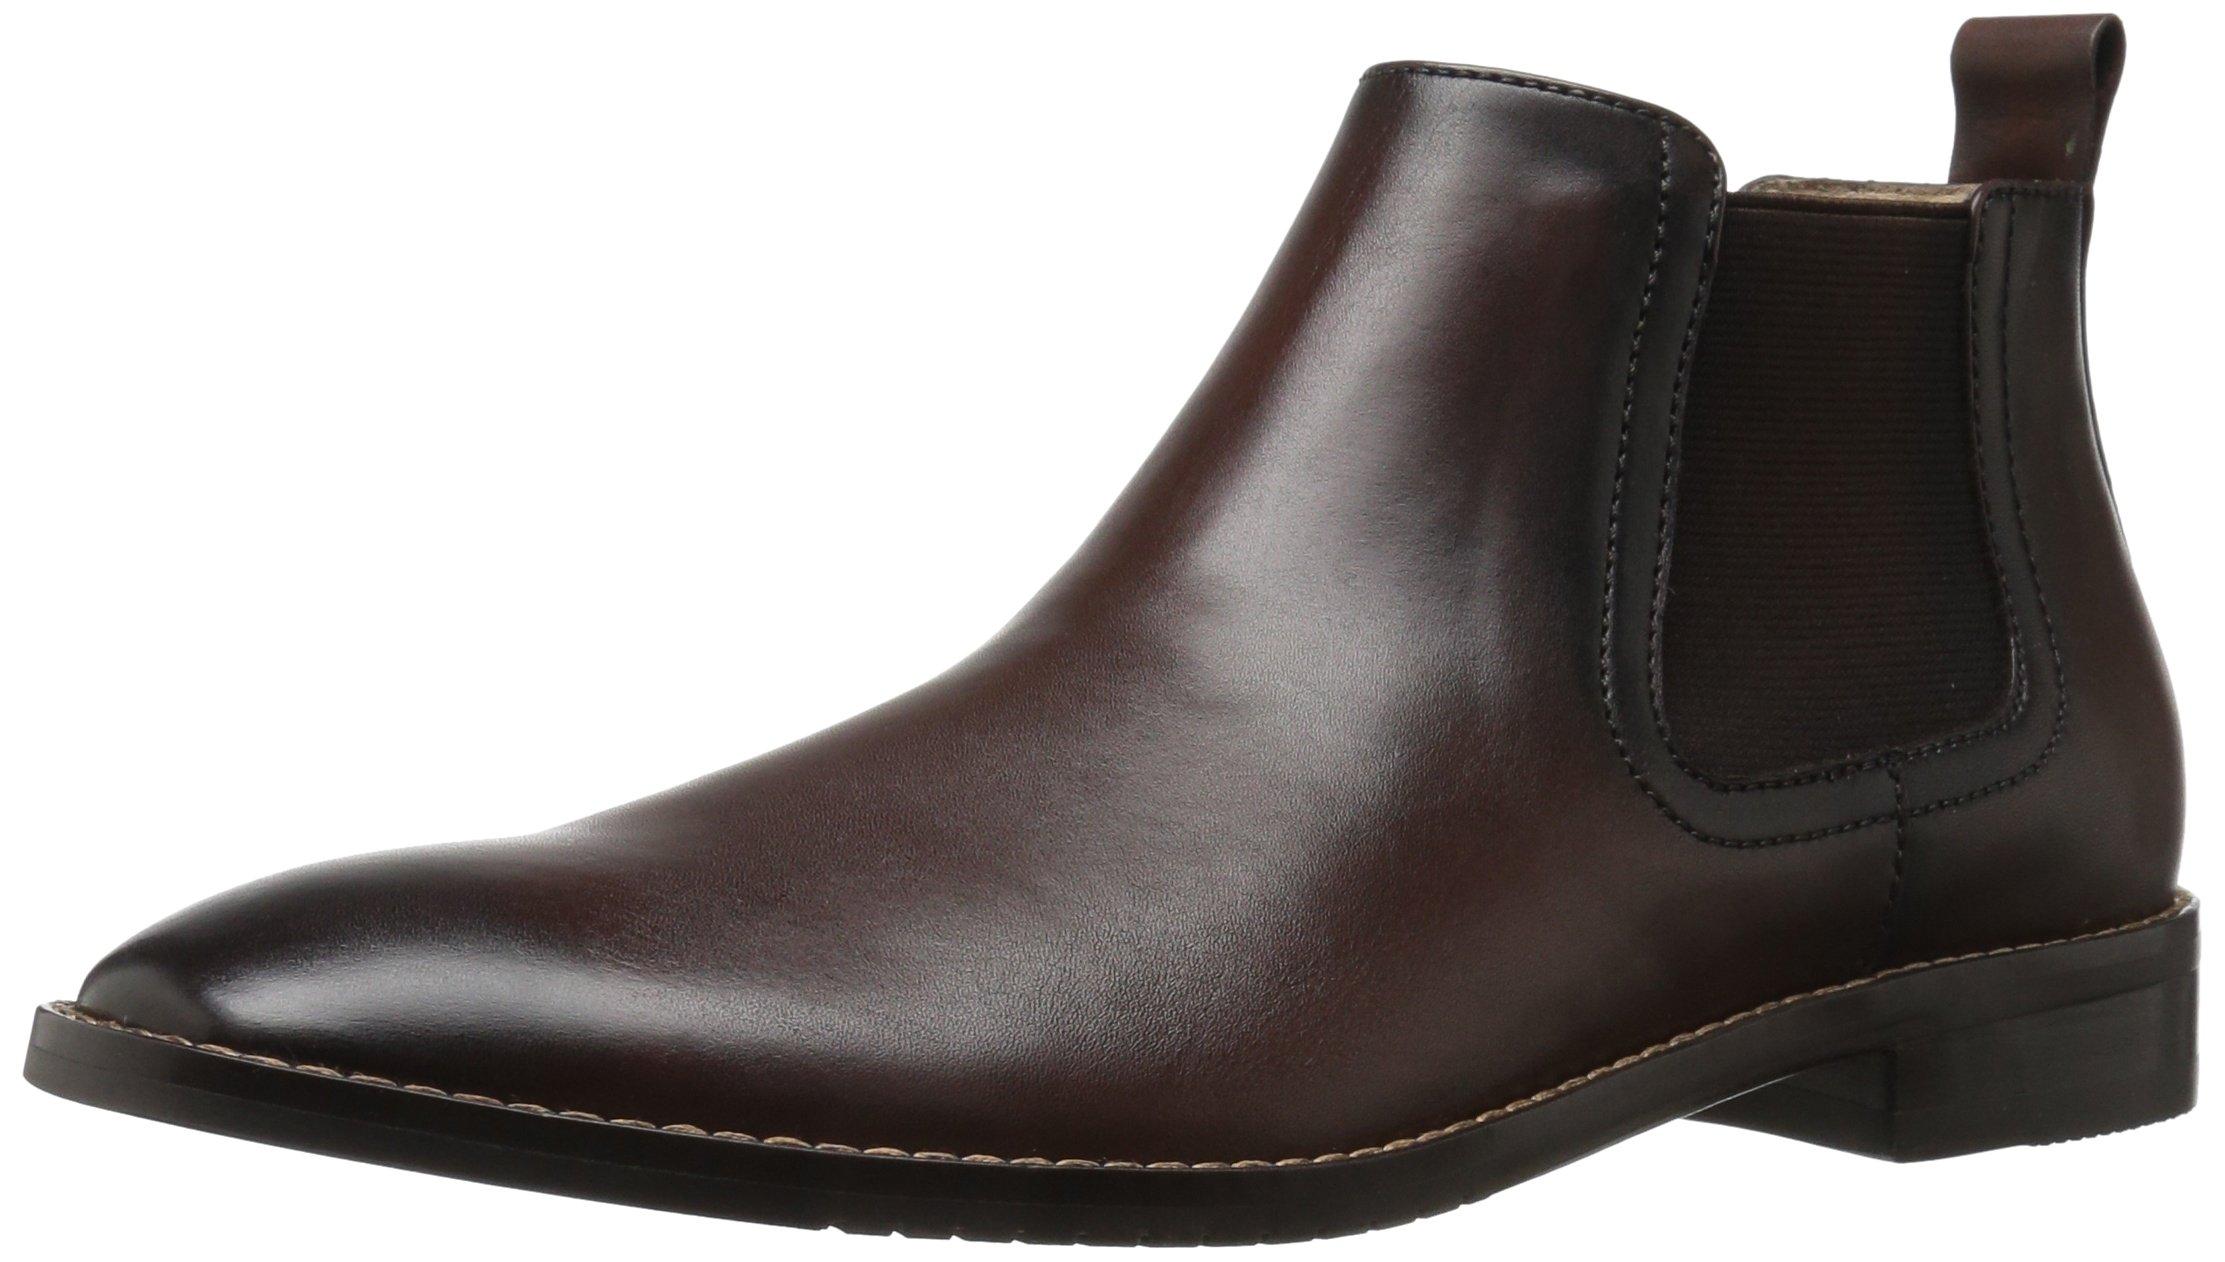 206 Collective Men's Capitol Ankle Chelsea Boot, Cognac, 12.5 D US